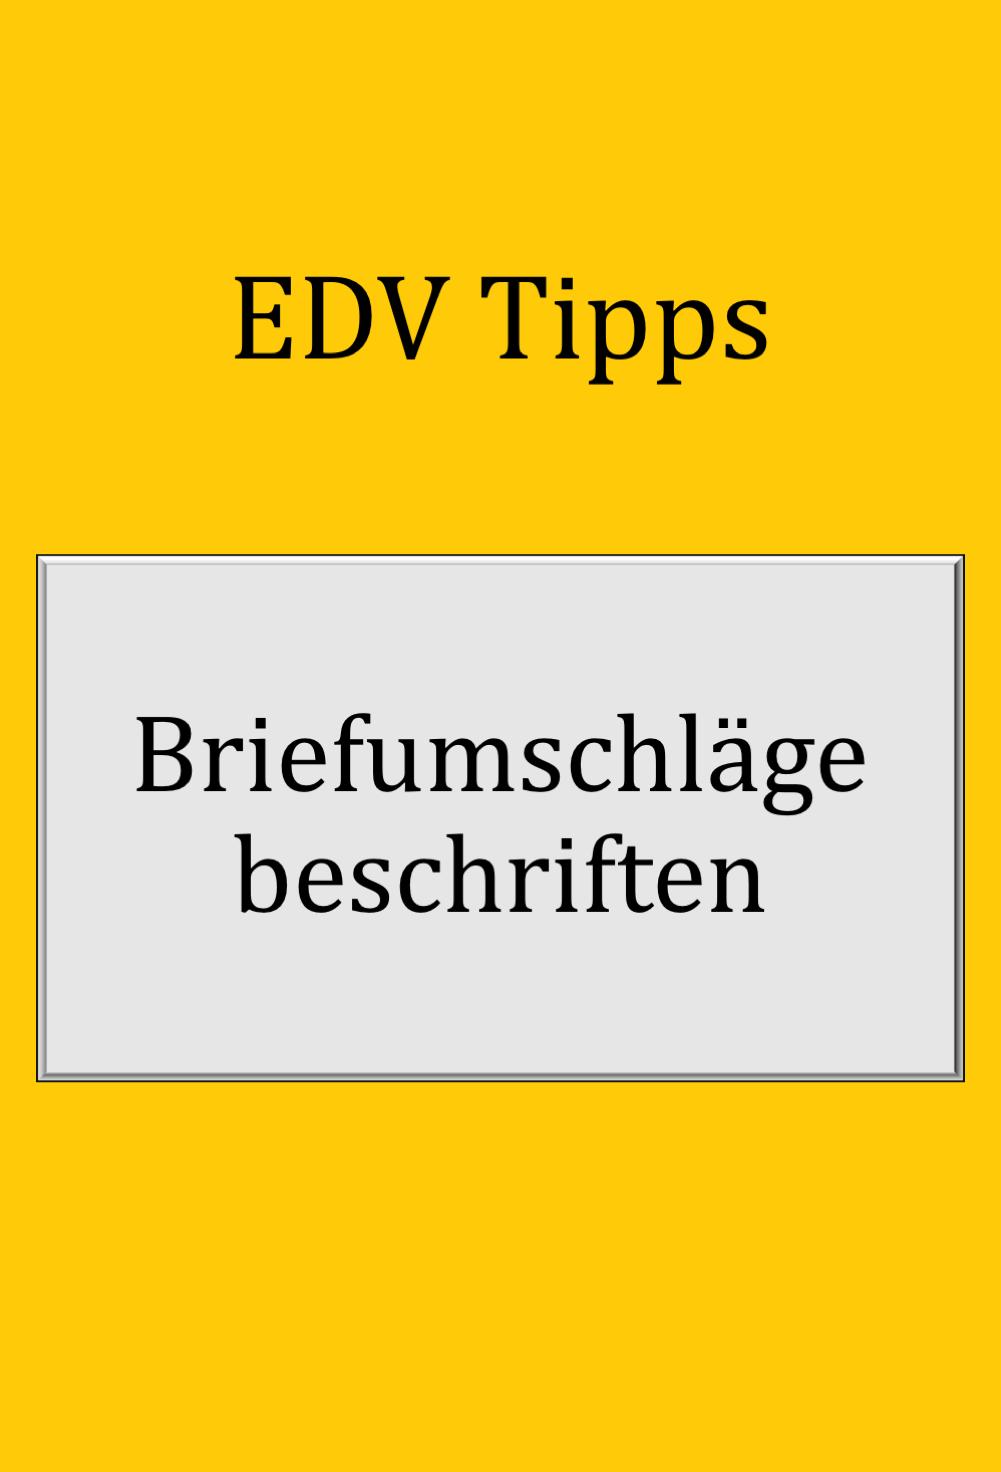 Word Tipps In 2020 Briefumschlag Bedrucken Briefumschlag Umschlag